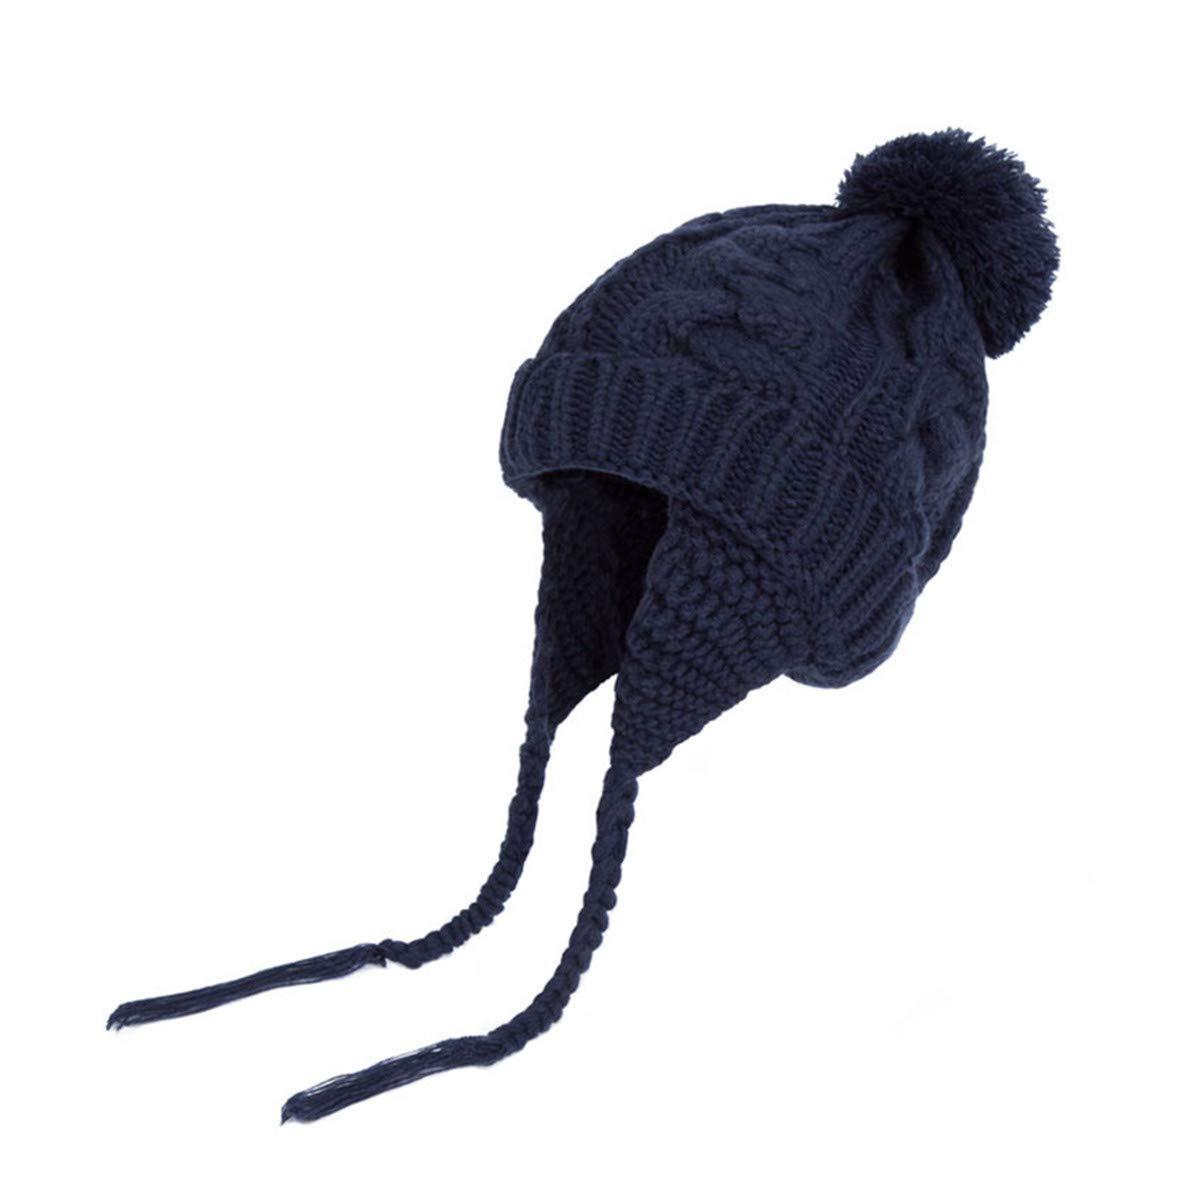 LKXHarleya Girls Knitted Earflaps Hat Winter Warm Baby Pom Pom Beanie Infant Cap